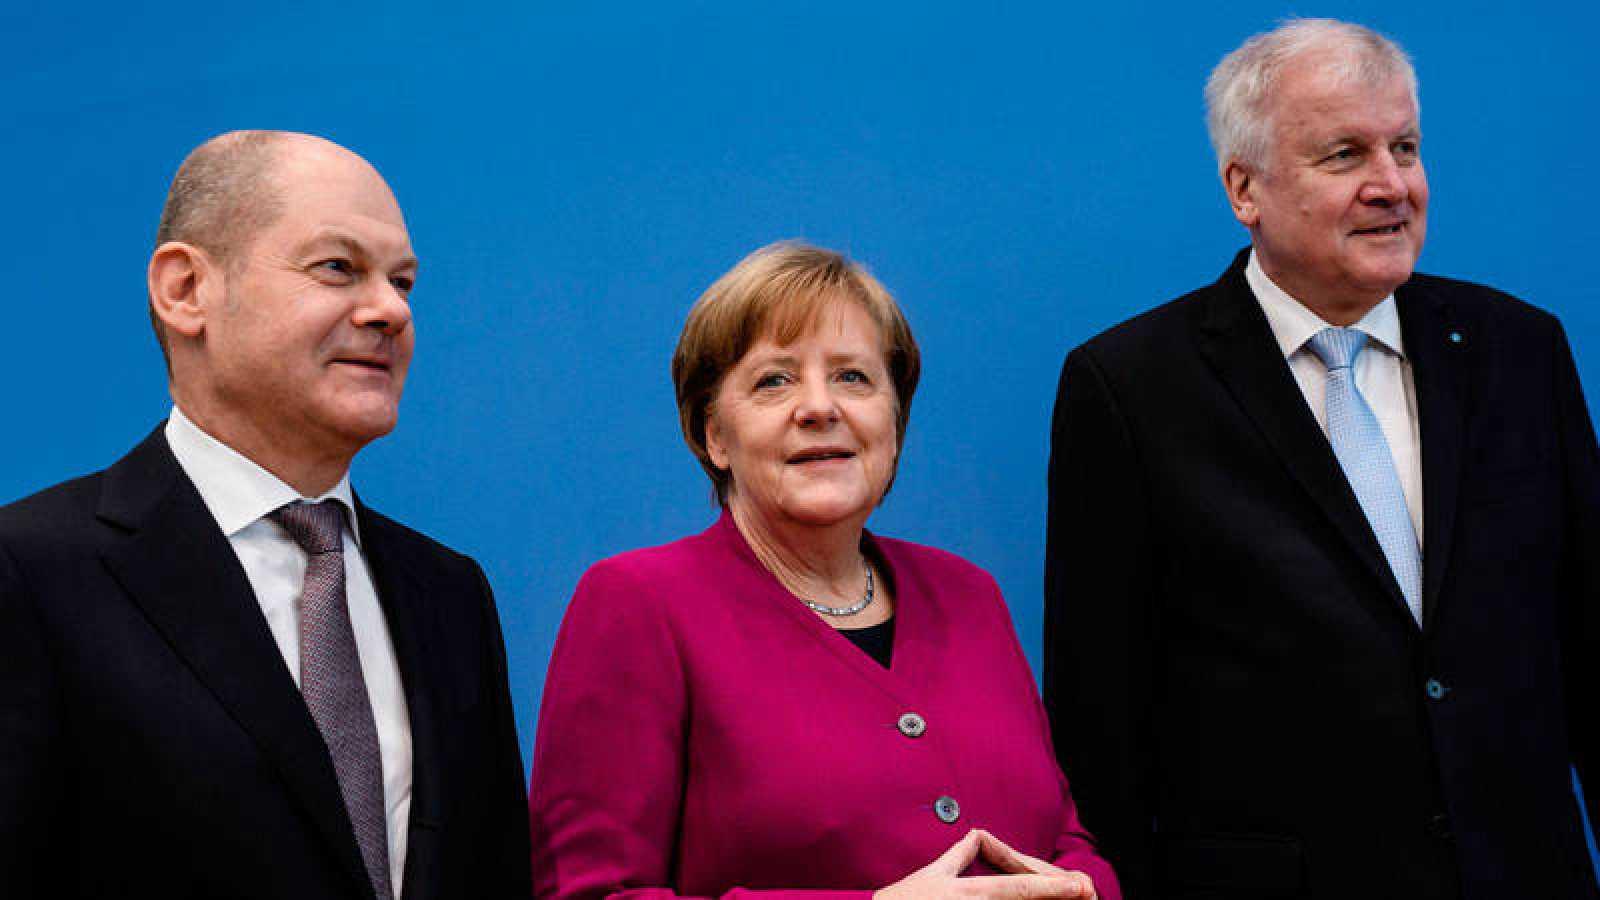 El líder del Partido Socialdemócrata (SPD), Horst Seehofer; la canciller alemana y líder de la Unión Cristianodemócrata (CDU), Angela Merkel; y el líder de la Unión Socialcristiana (CSU), Olaf Zcholz